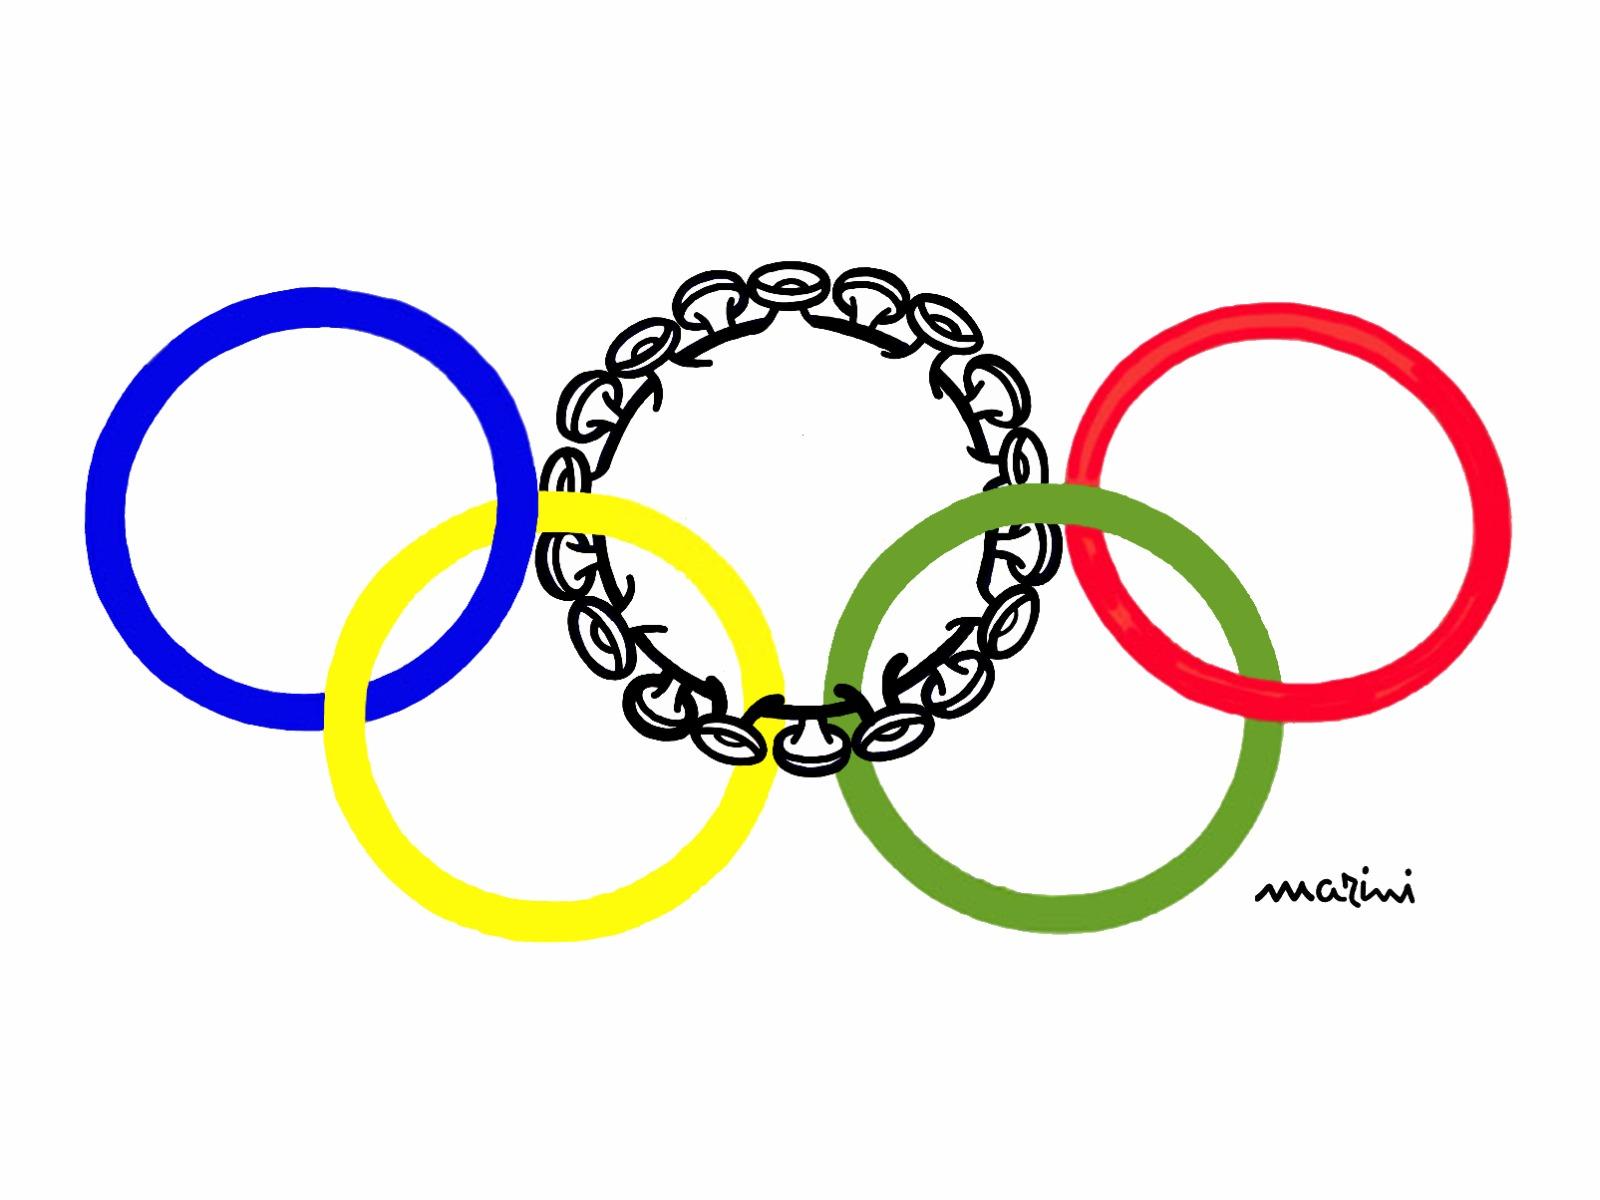 Vignetta Marini olimpiadi